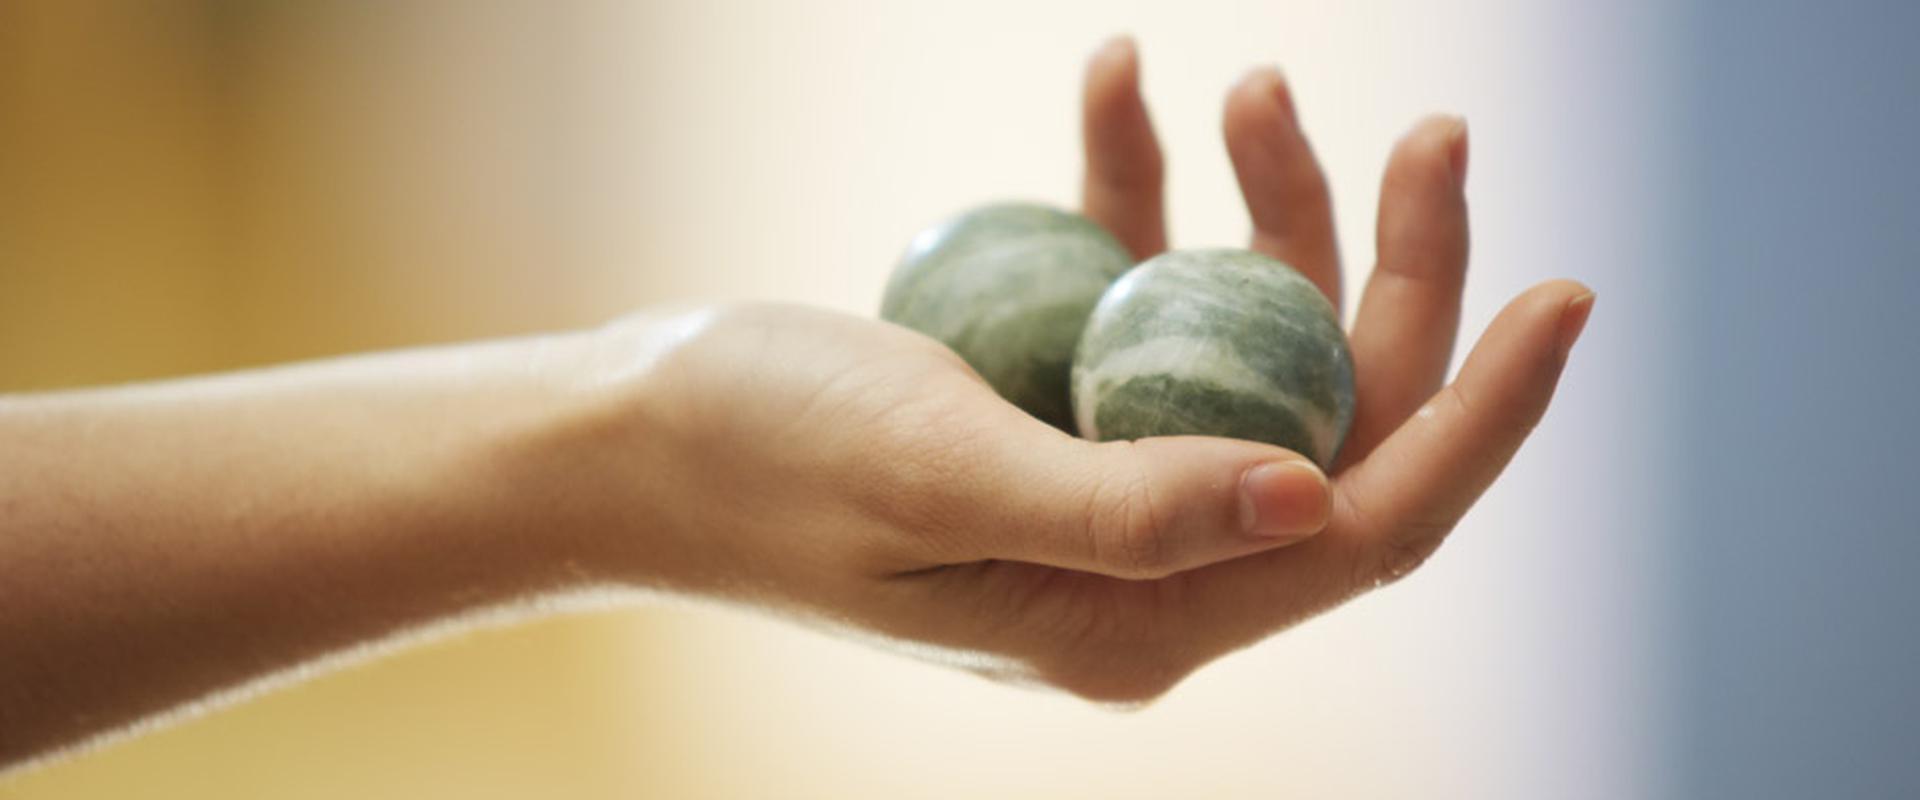 Steine in der Hand eines Patienten in der MEDIAN AGZ Stuttgart